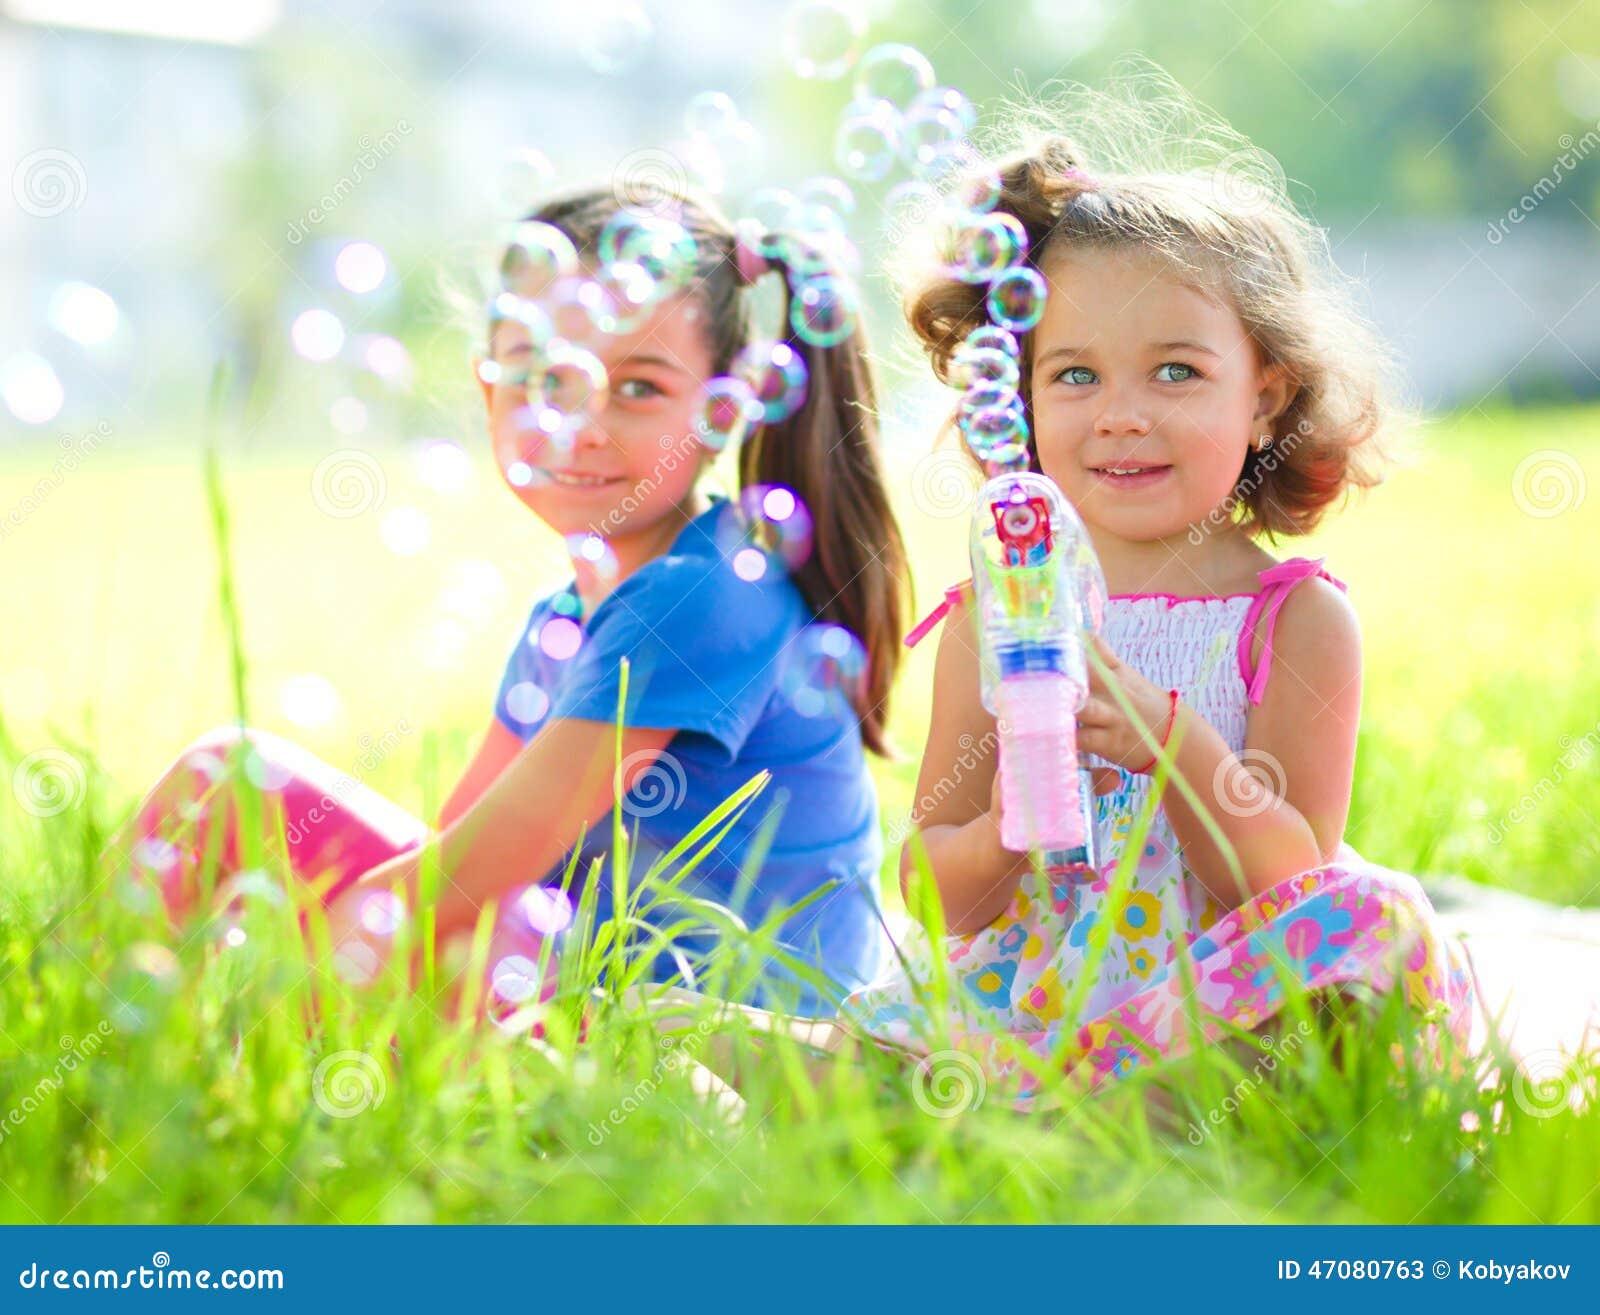 Dos niñas están soplando burbujas de jabón